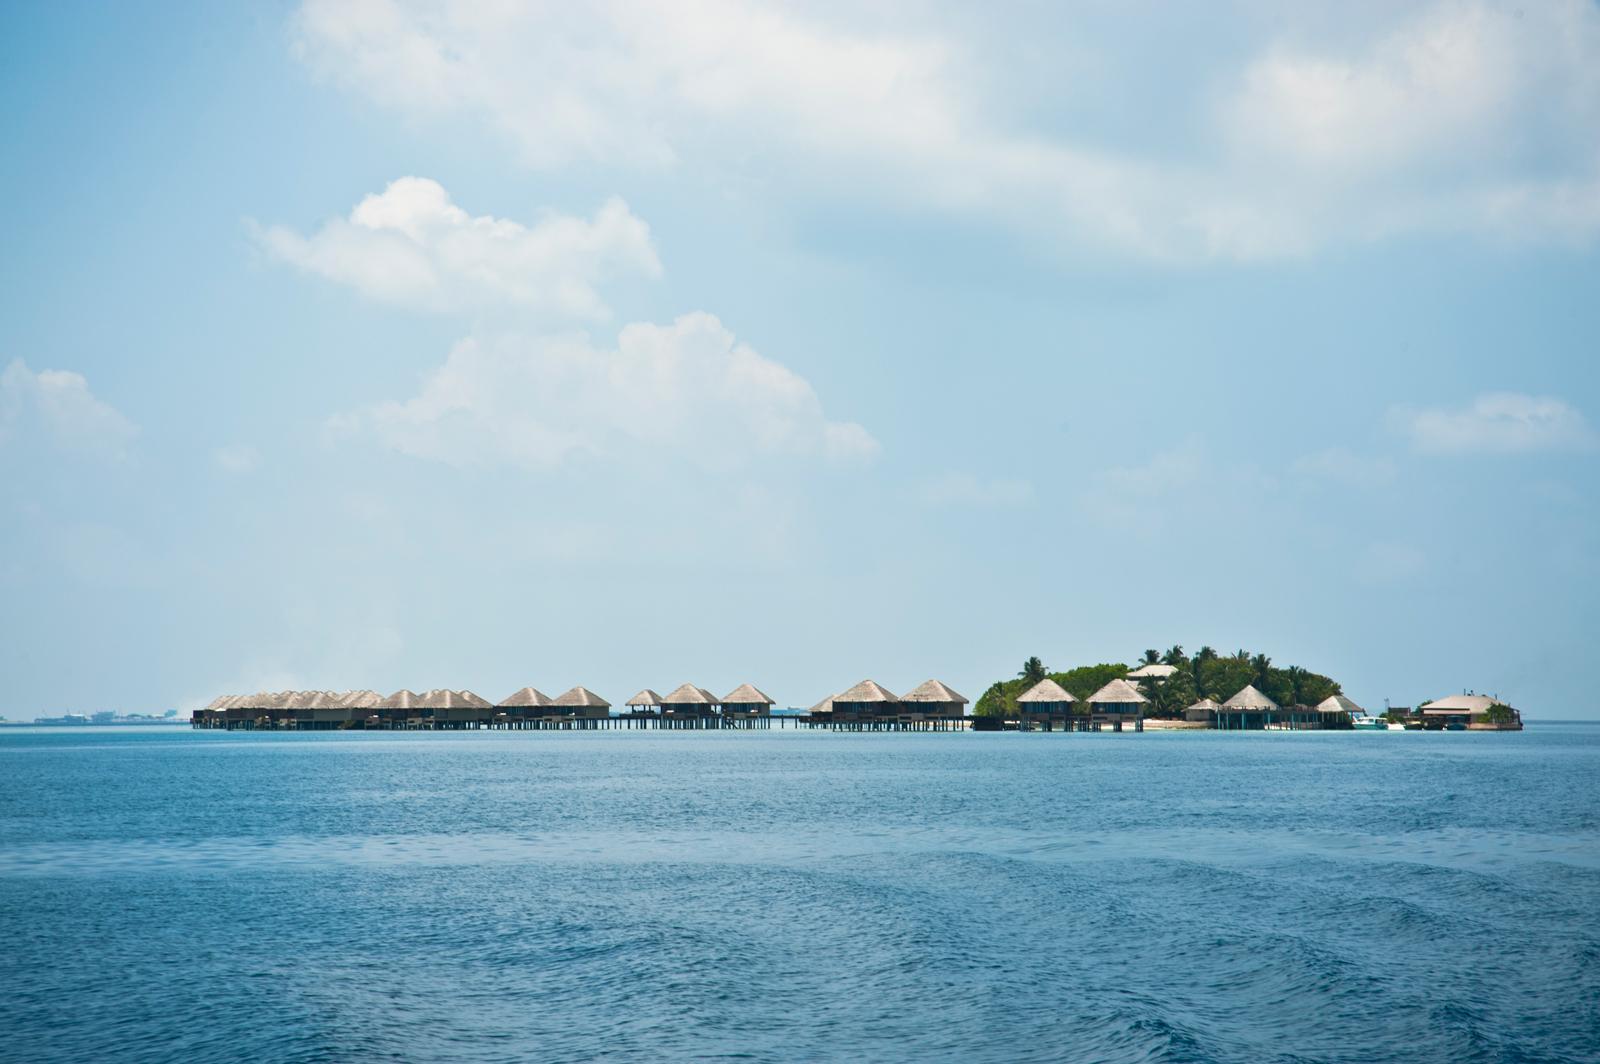 Villaggio al largo di Malè.